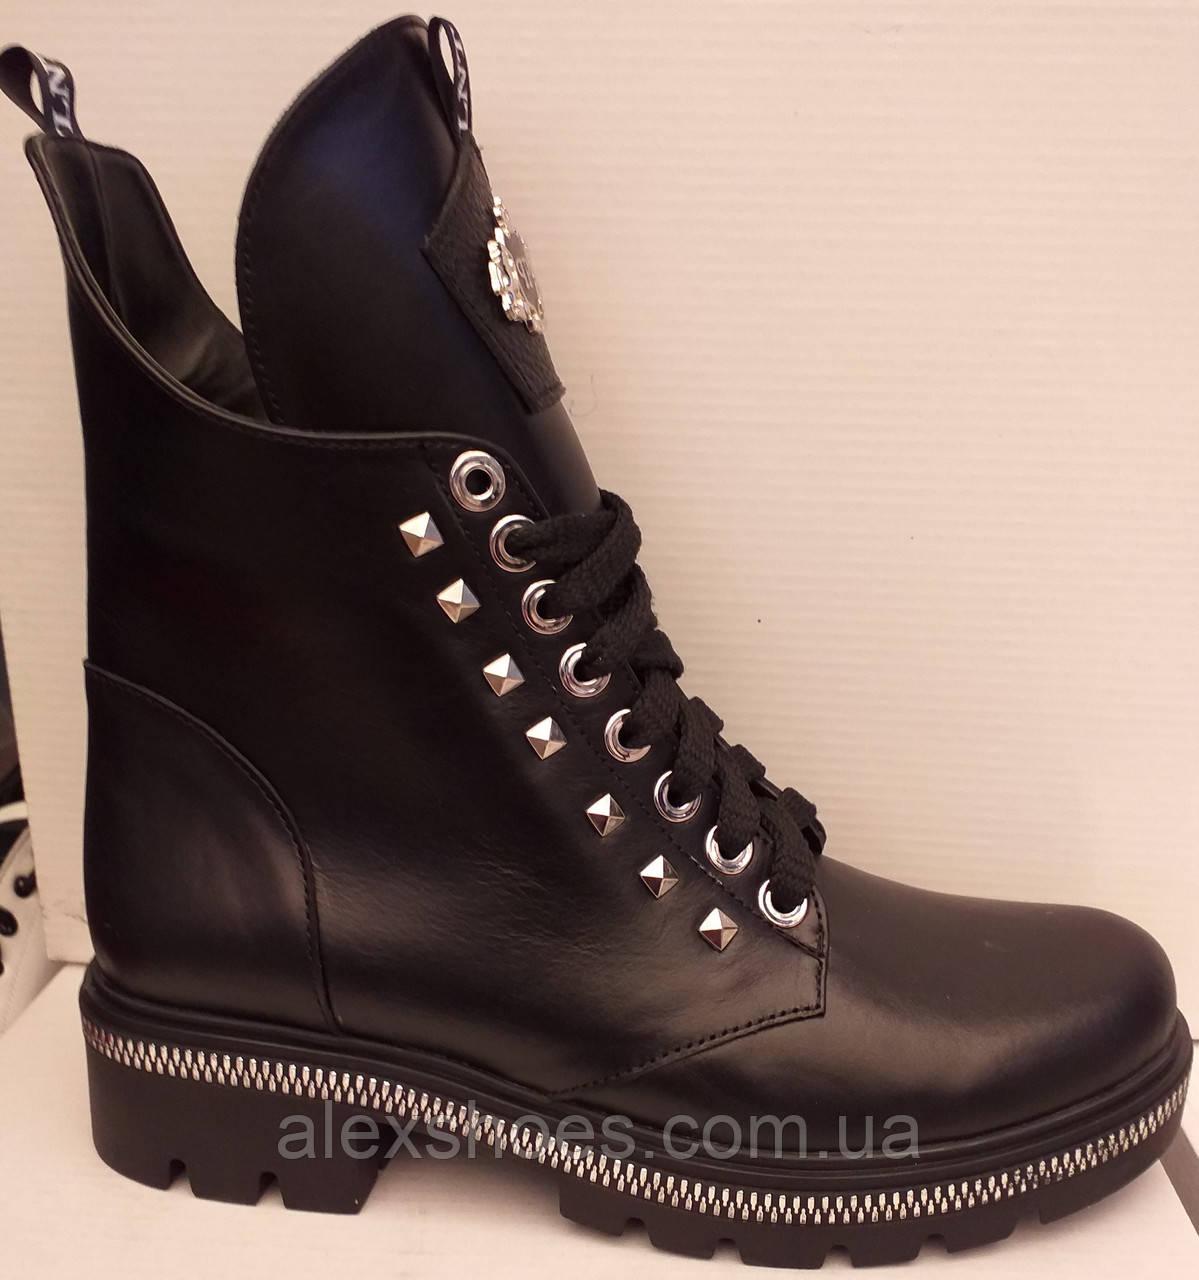 Ботинки молодежные из натуральной кожи от производителя модель ЛТ113